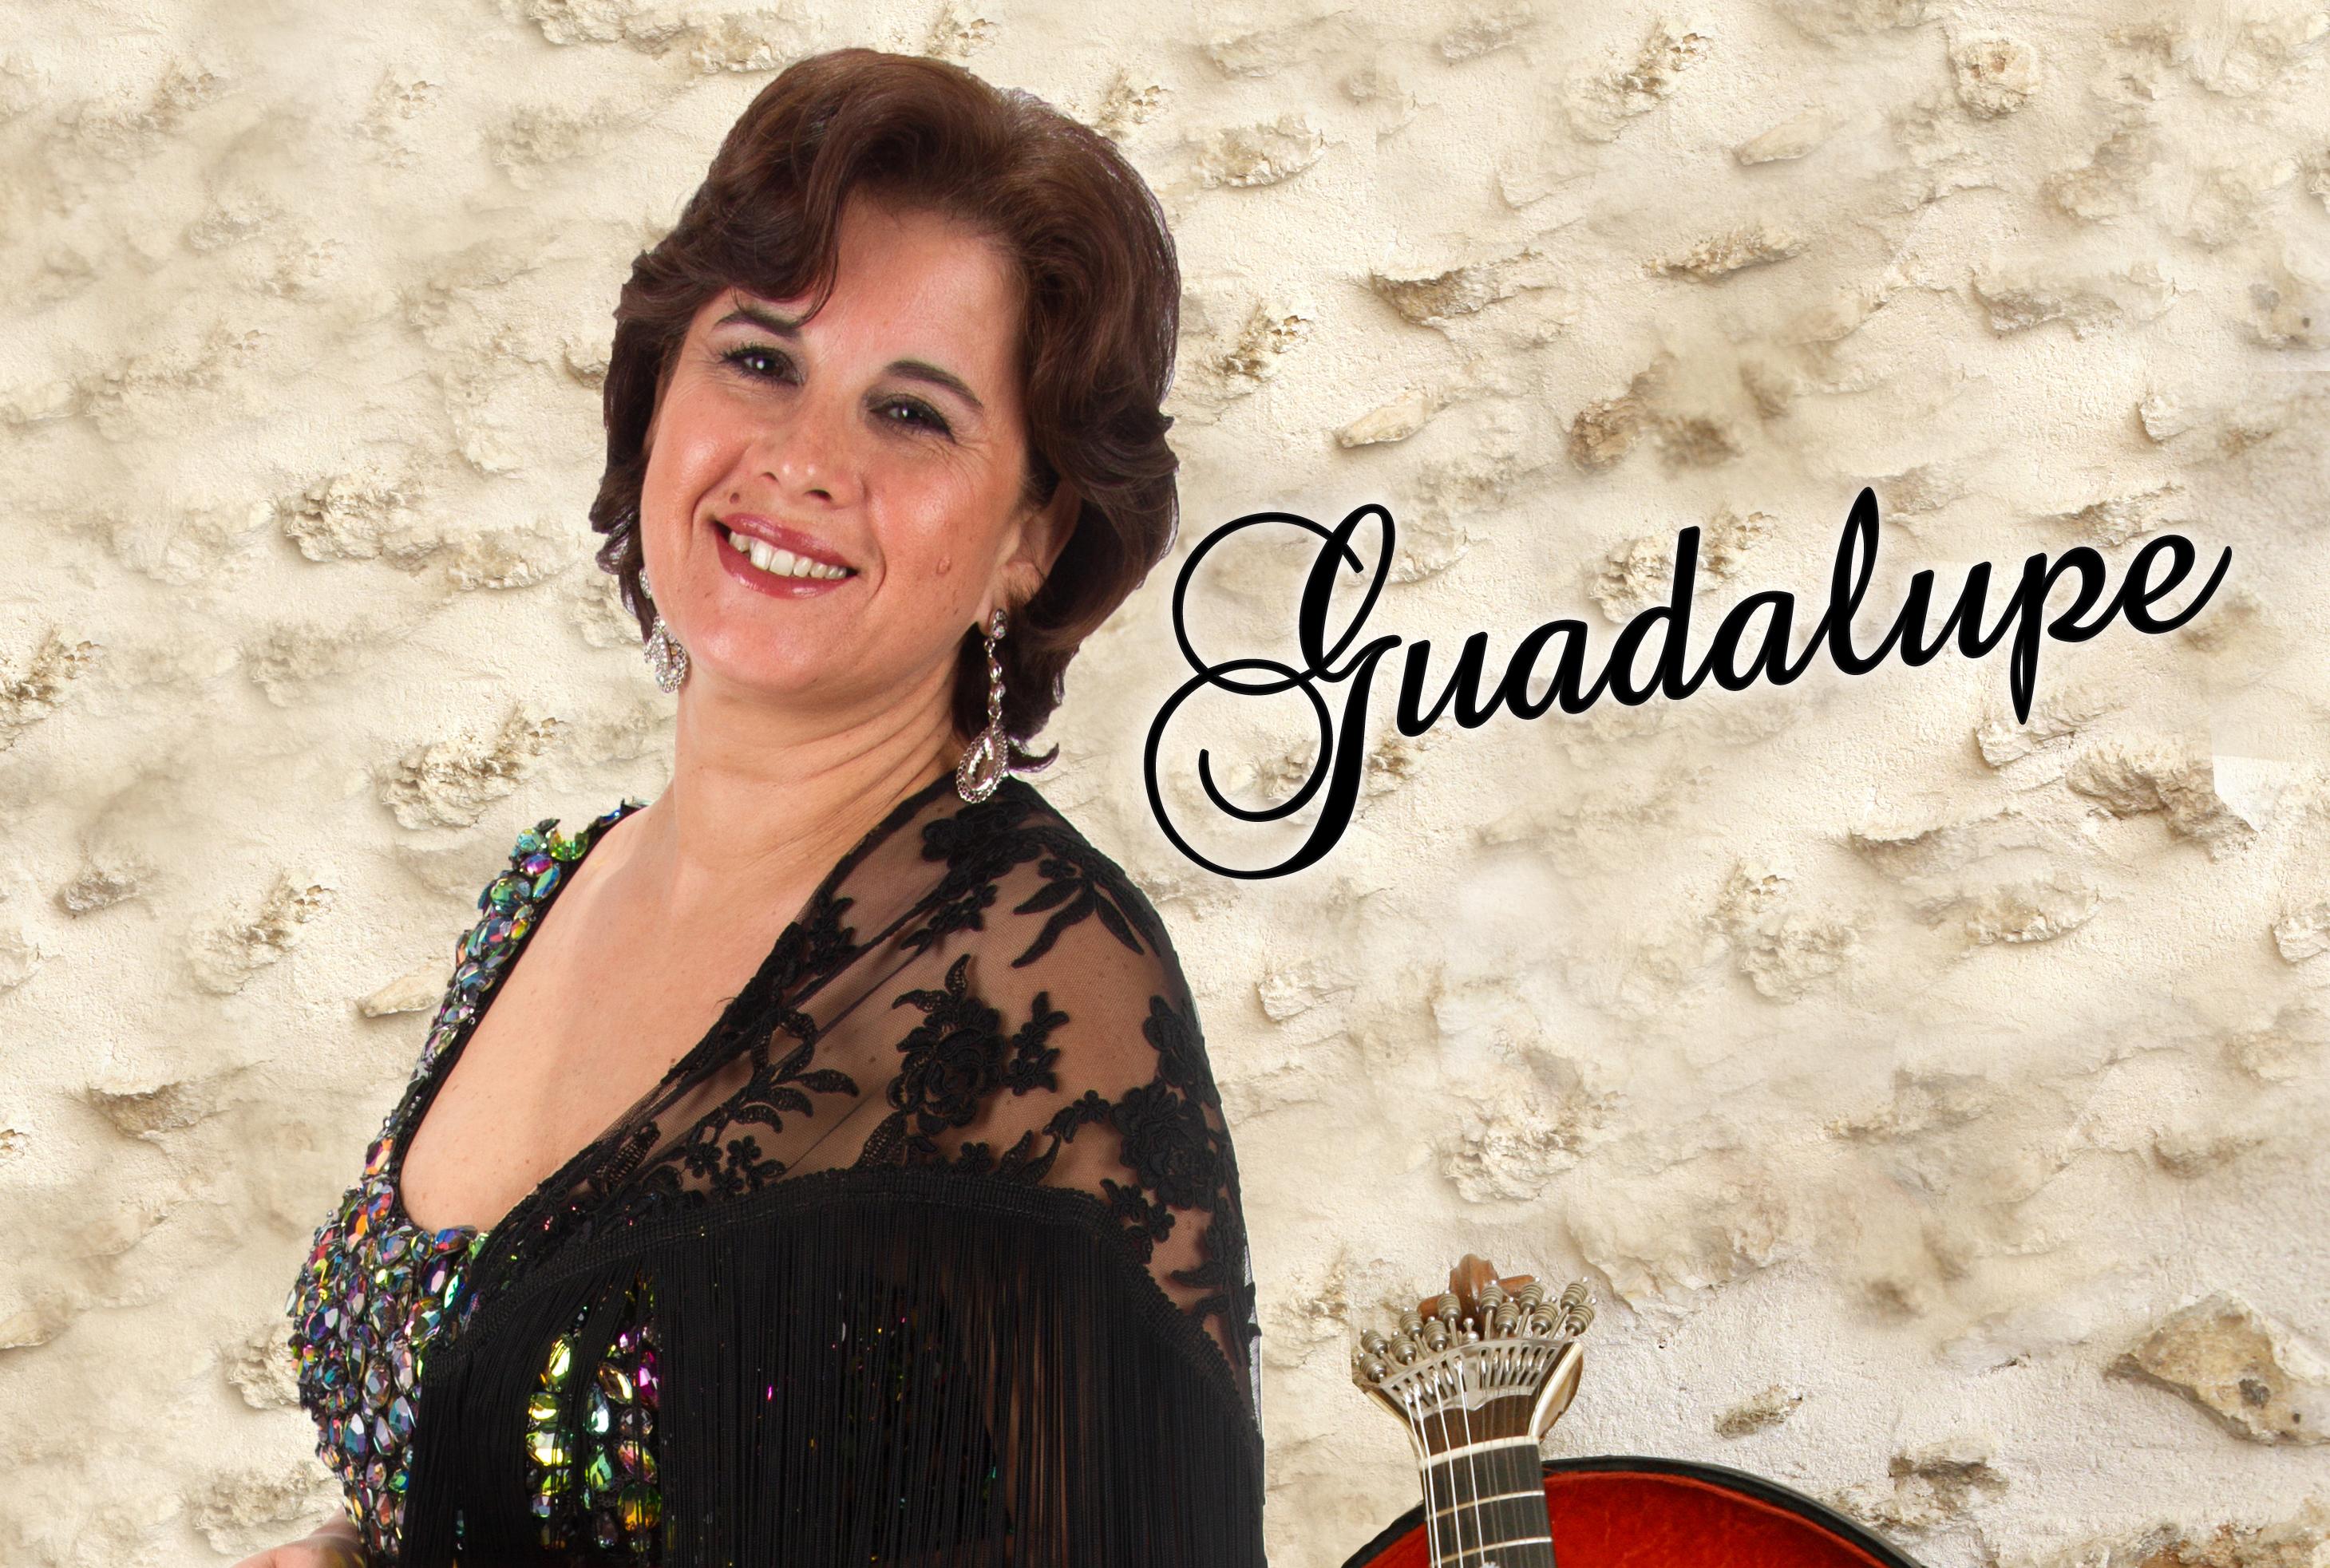 Guadalupe chantera le fado « Marialva » le 27 novembre 2014 au Consulat du Portugal